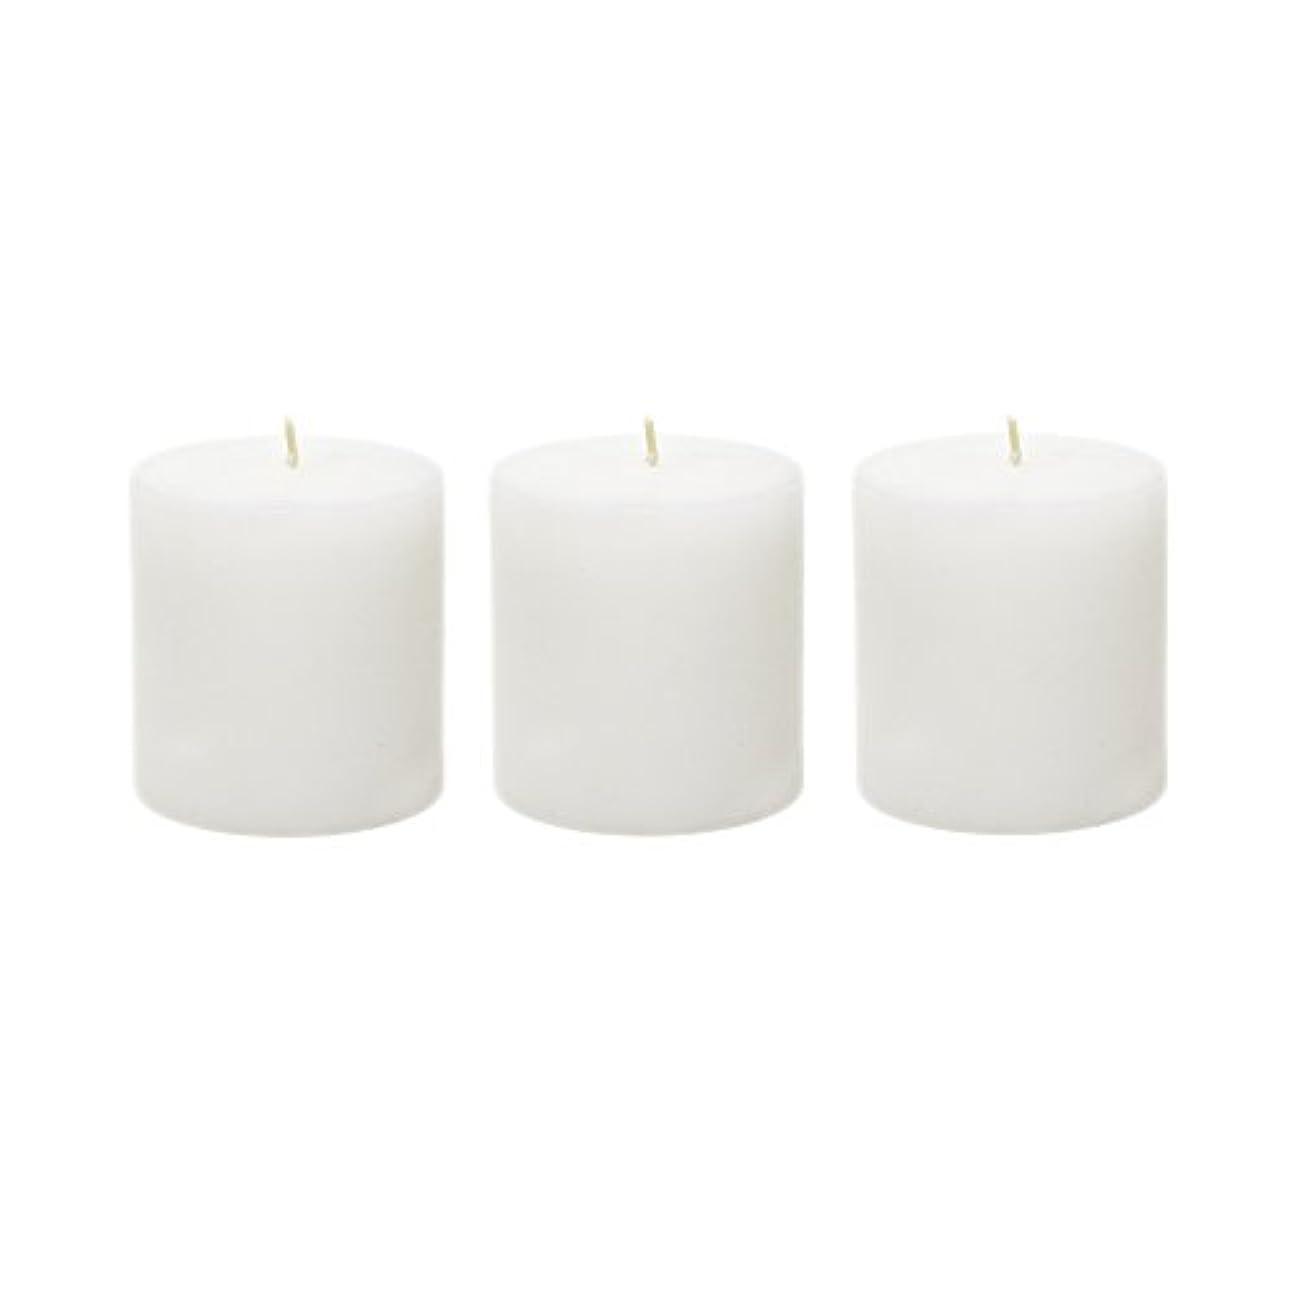 アリス遅れトロリーバス(6, 7.6cm x 7.6cm Round) - Mega Candles - Unscented 7.6cm x 7.6cm Hand Poured Round Premium Pillar Candle - White